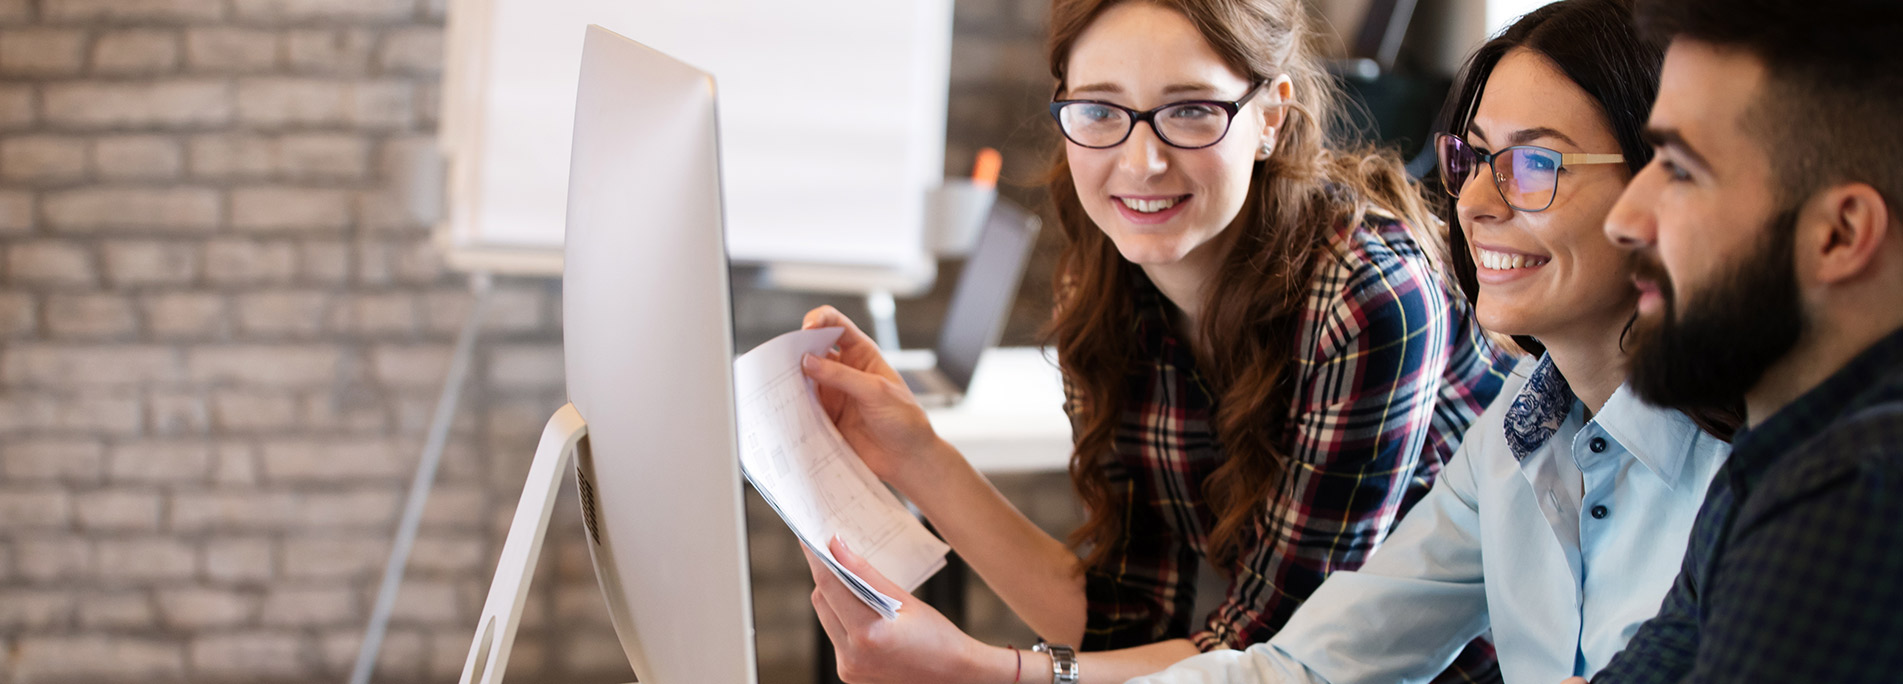 Moderniser le traitement des demandes d'admission des professionnels formés à l'étranger : décision importante liée au Plan